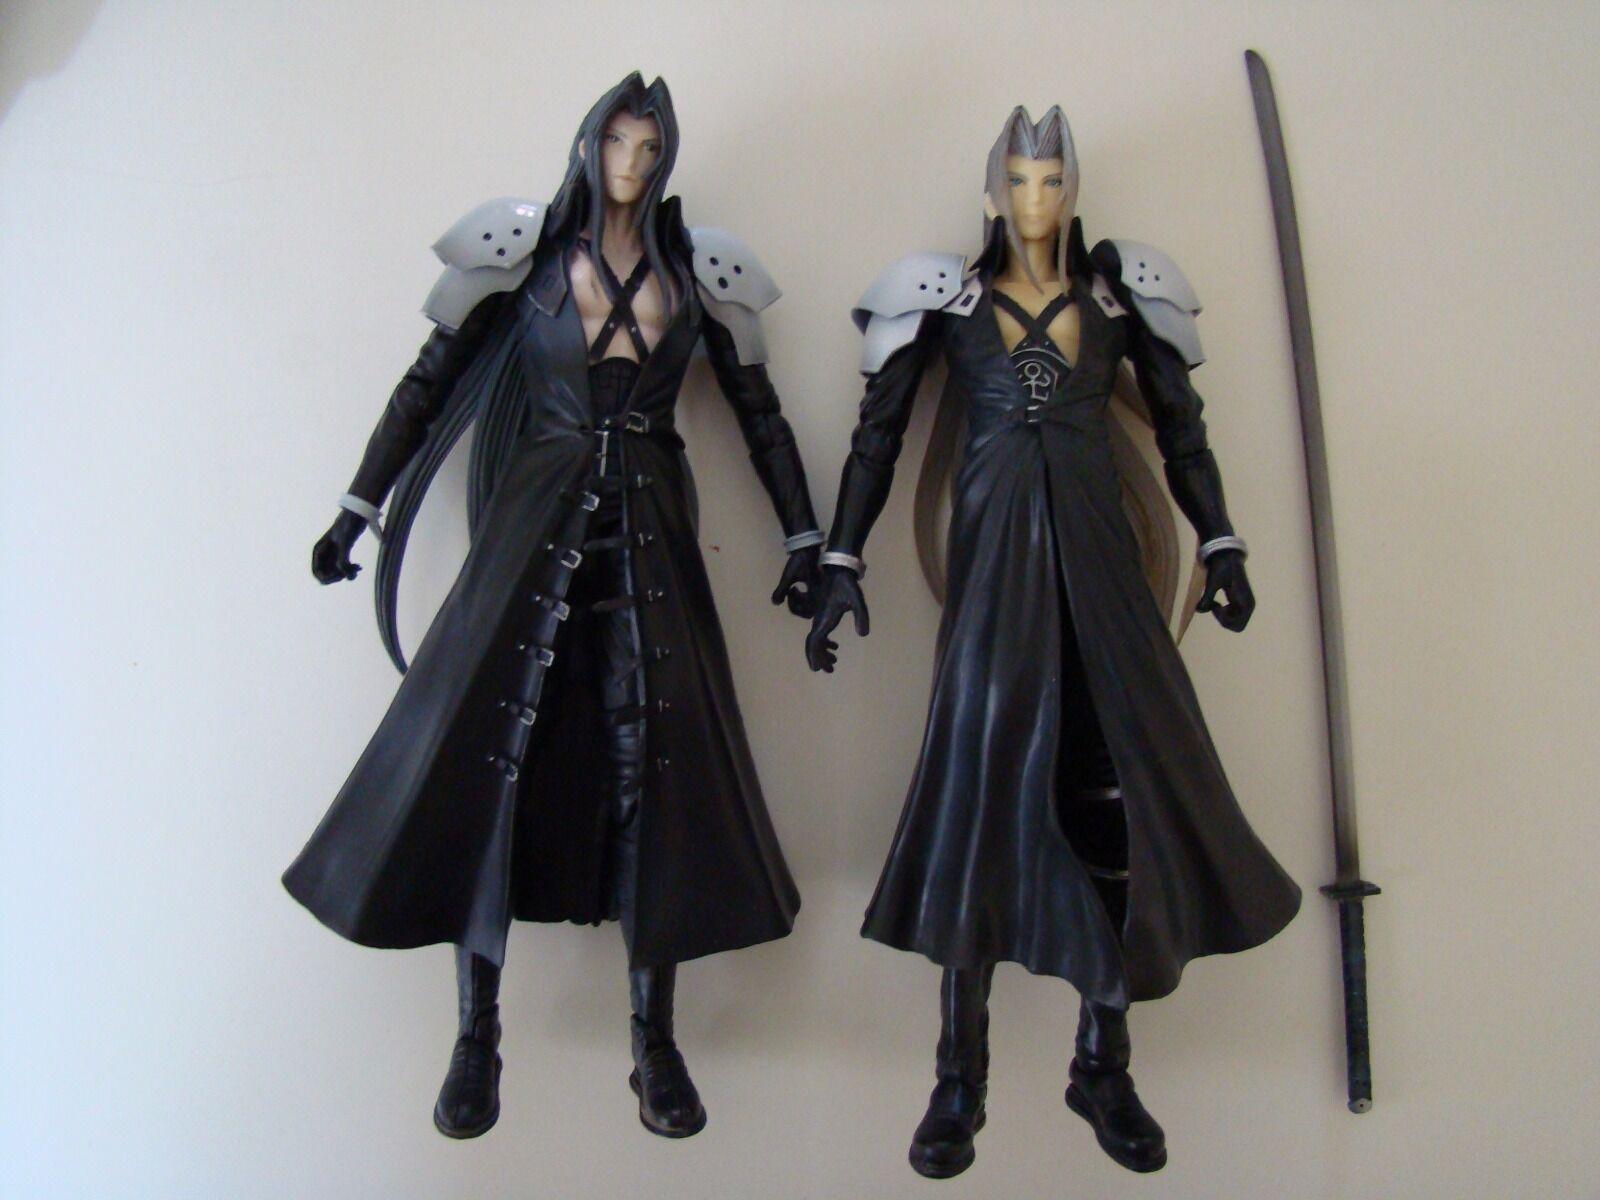 Lot Figurines Sephirossoh Final Fantasy 7 play arts RARE